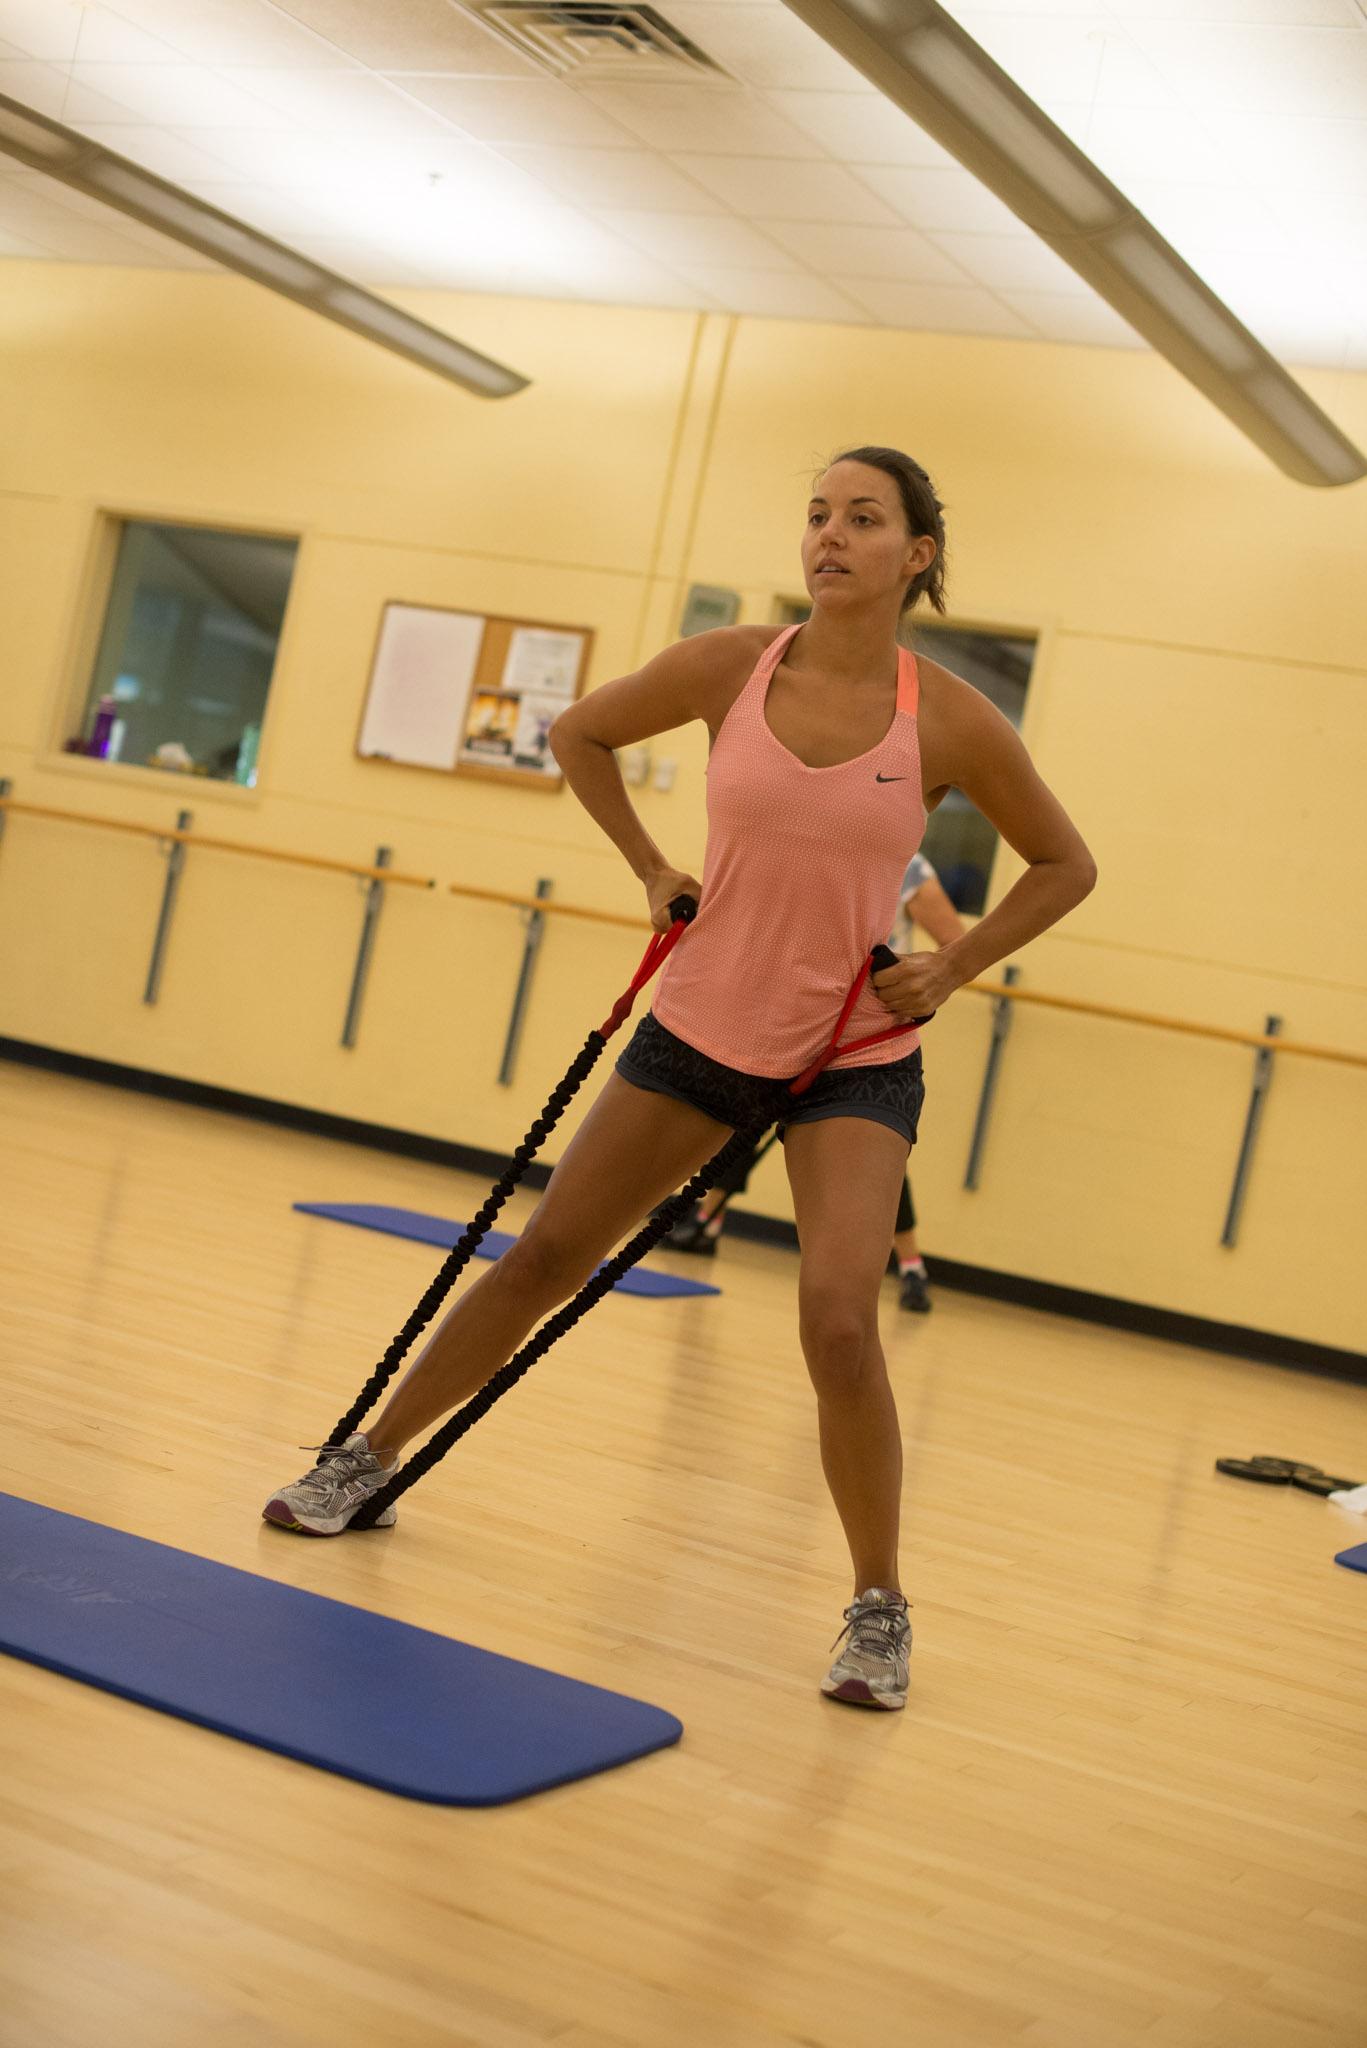 Wellness Center Stock Photos-1144.jpg